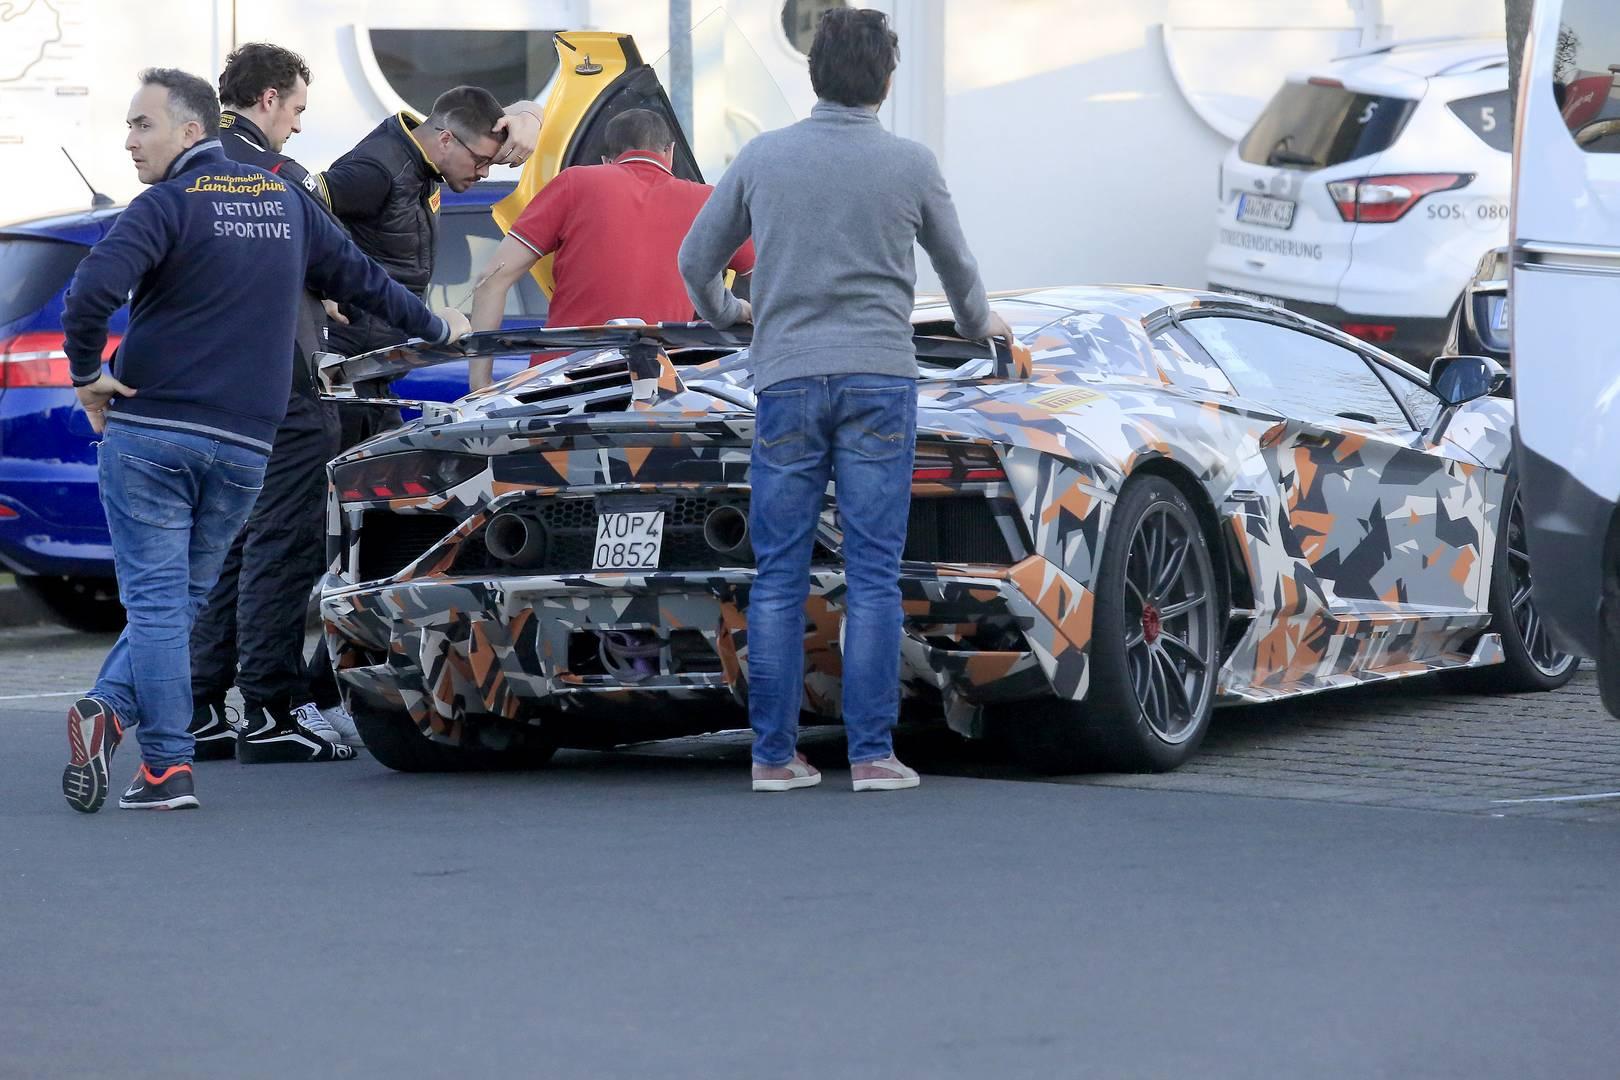 Самая экстремальная версия Lamborghini Aventador на сегодняшний день, Jota, получит глубокий передний сплиттер с вентиляционными отверстиями.